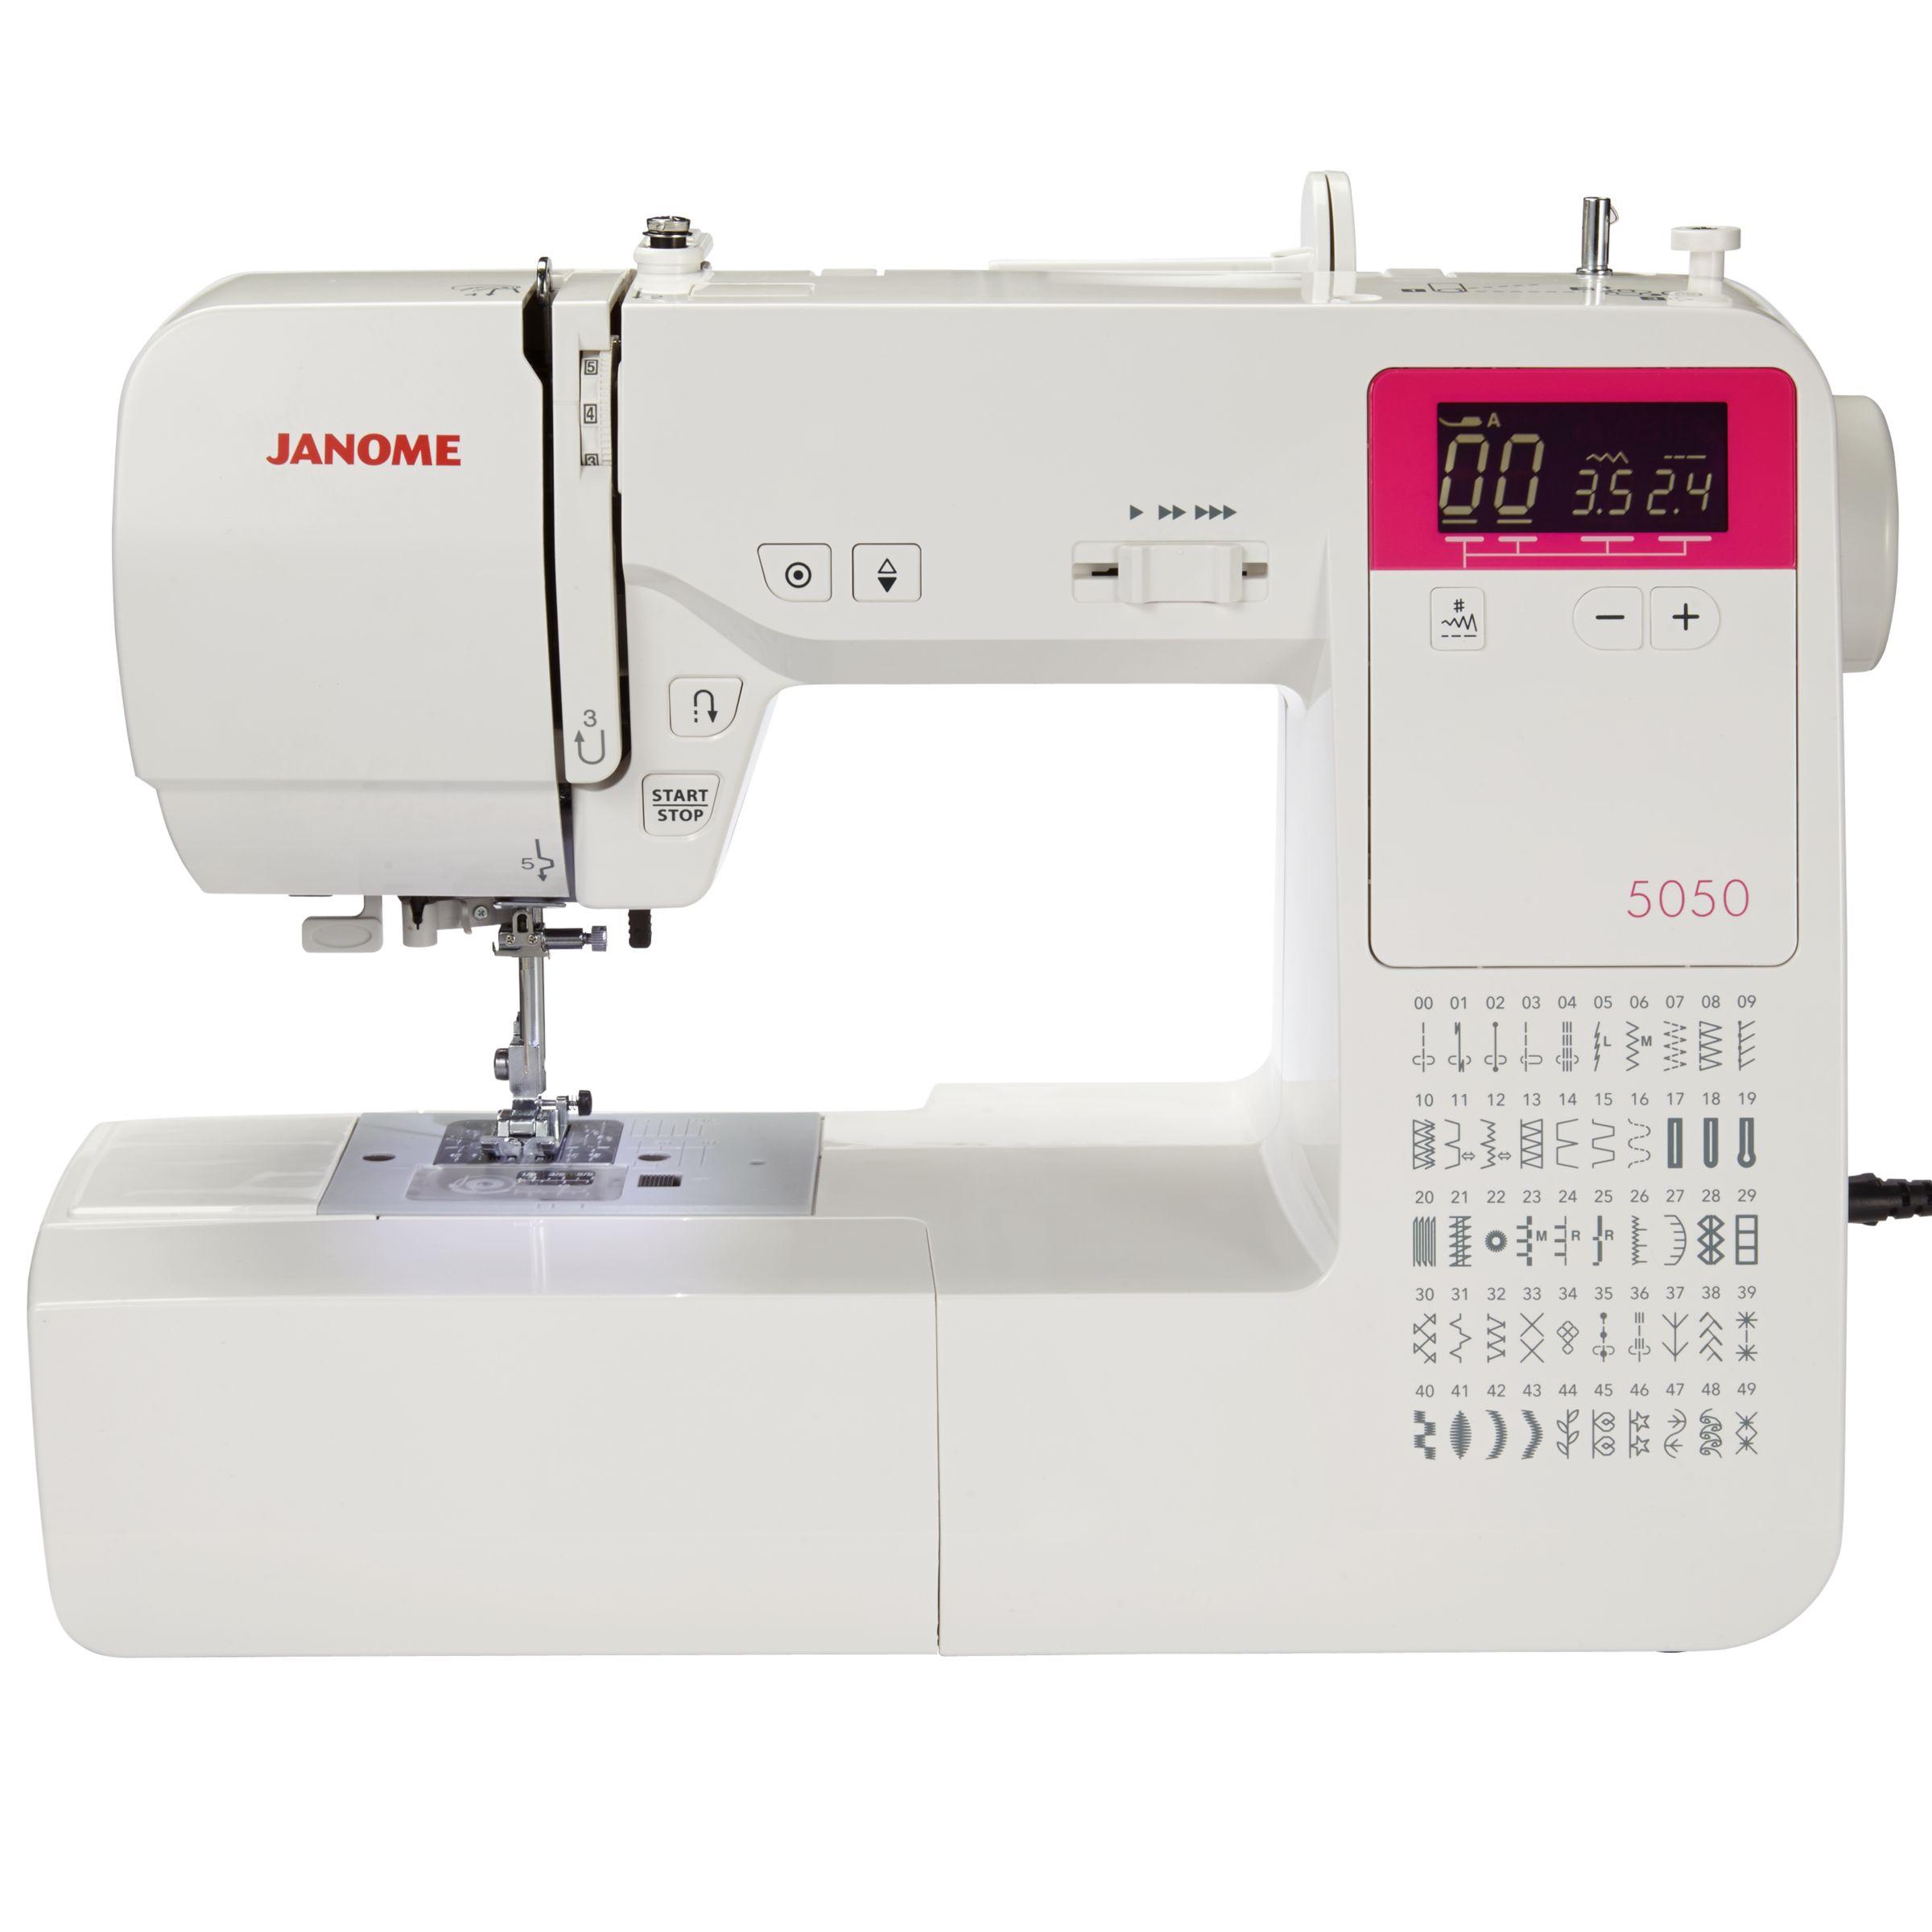 Janome Janome 5050 Sewing Machine, White